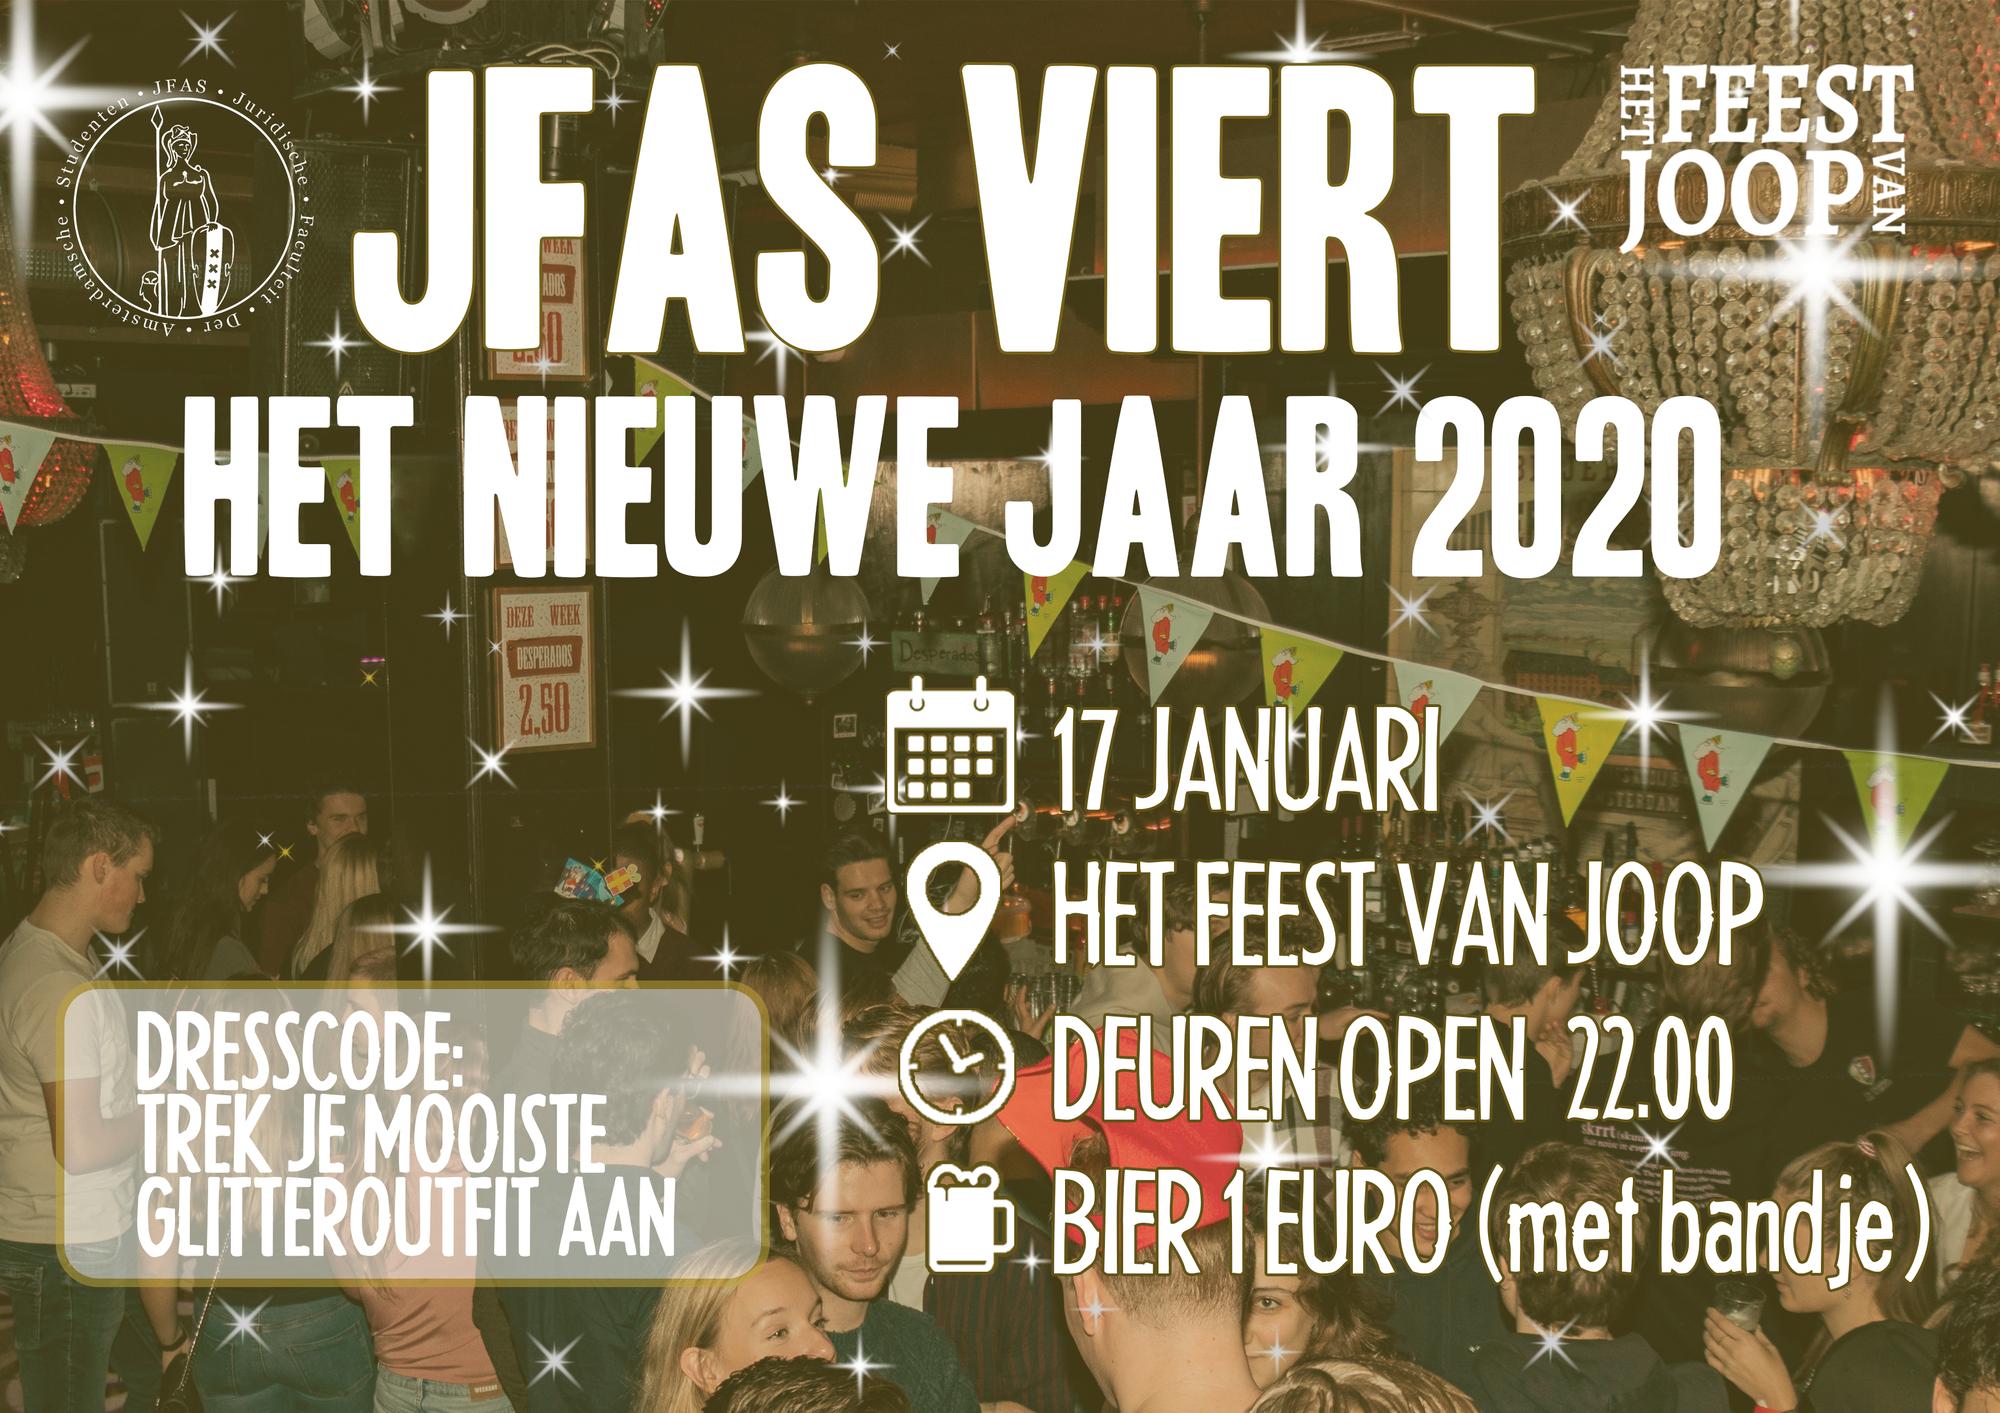 JFAS nieuwjaarsfeest